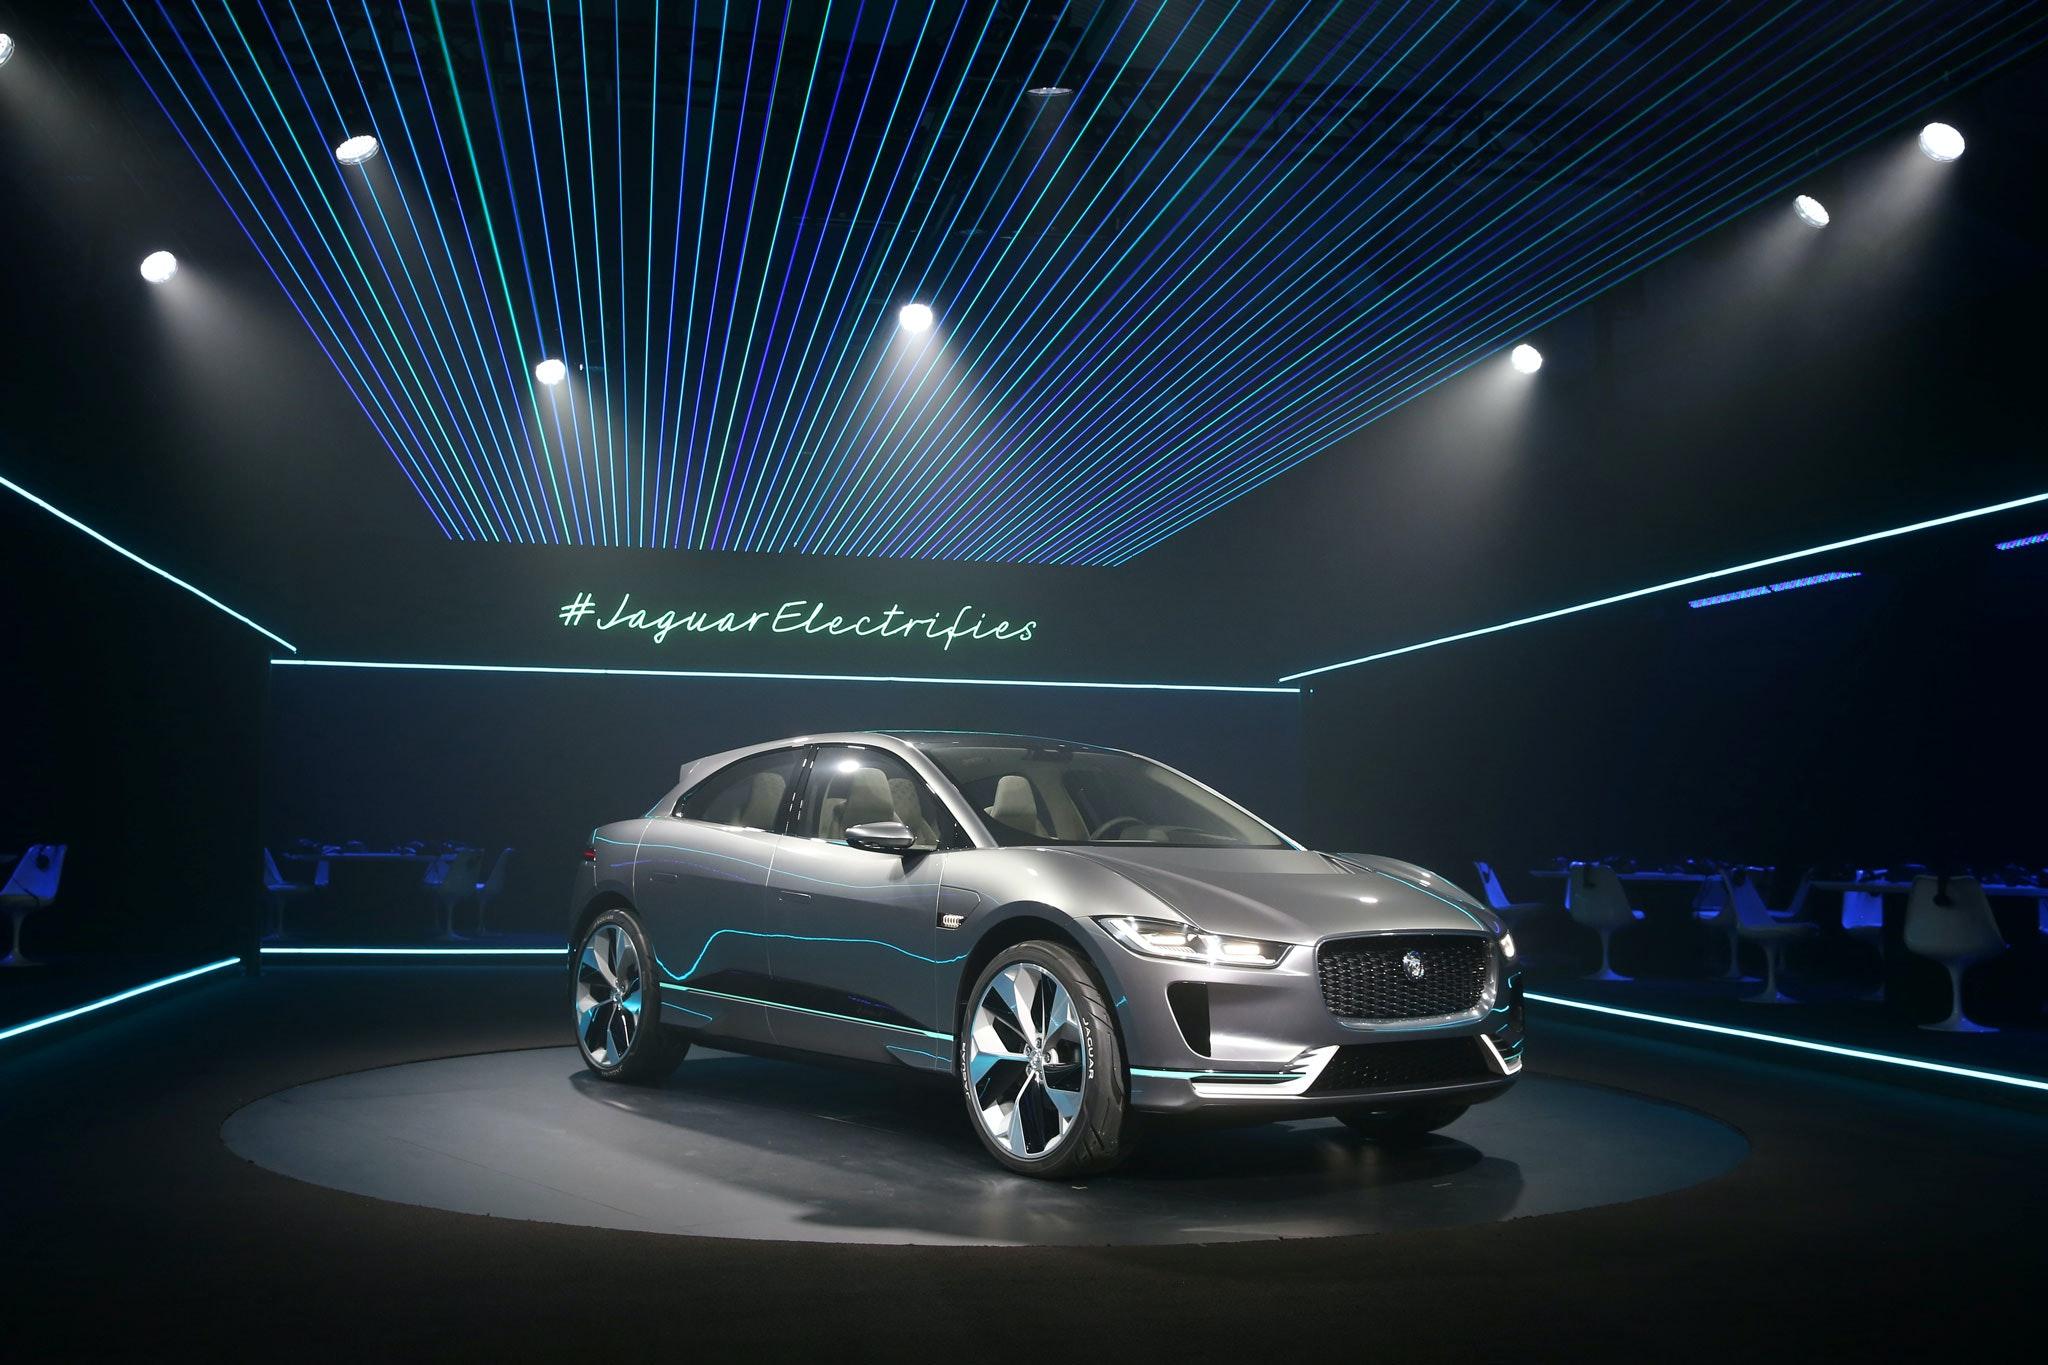 Foto Jaguar Presenteert Nieuwe Elektrische Suv Het Financieele